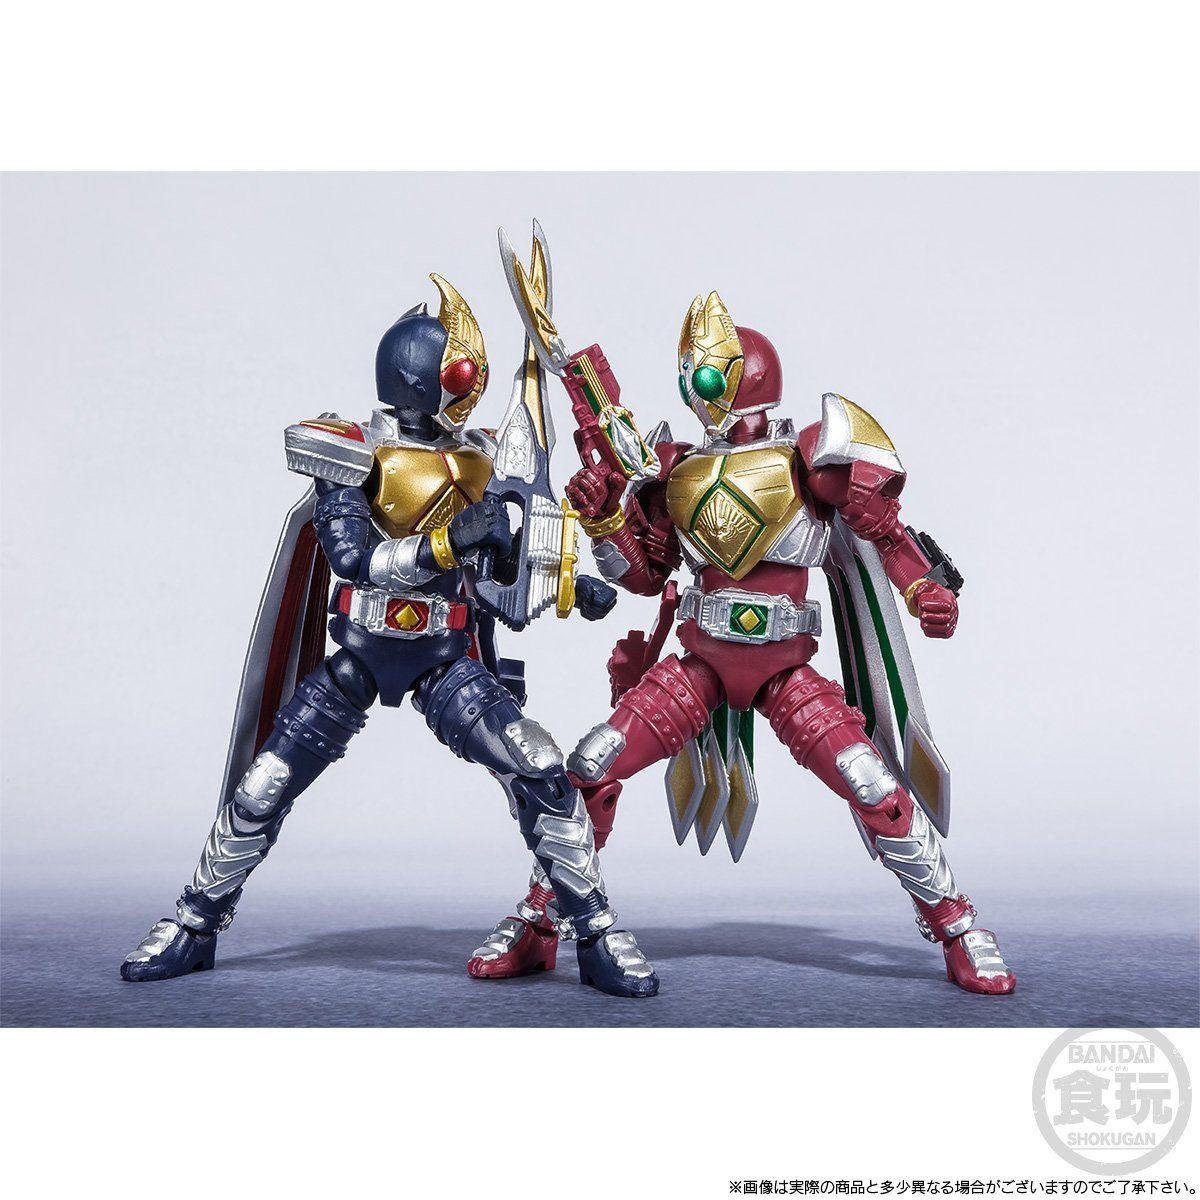 【限定販売】【食玩】SHODO-X『仮面ライダー剣 ジャックフォームセット』可動フィギュア-009